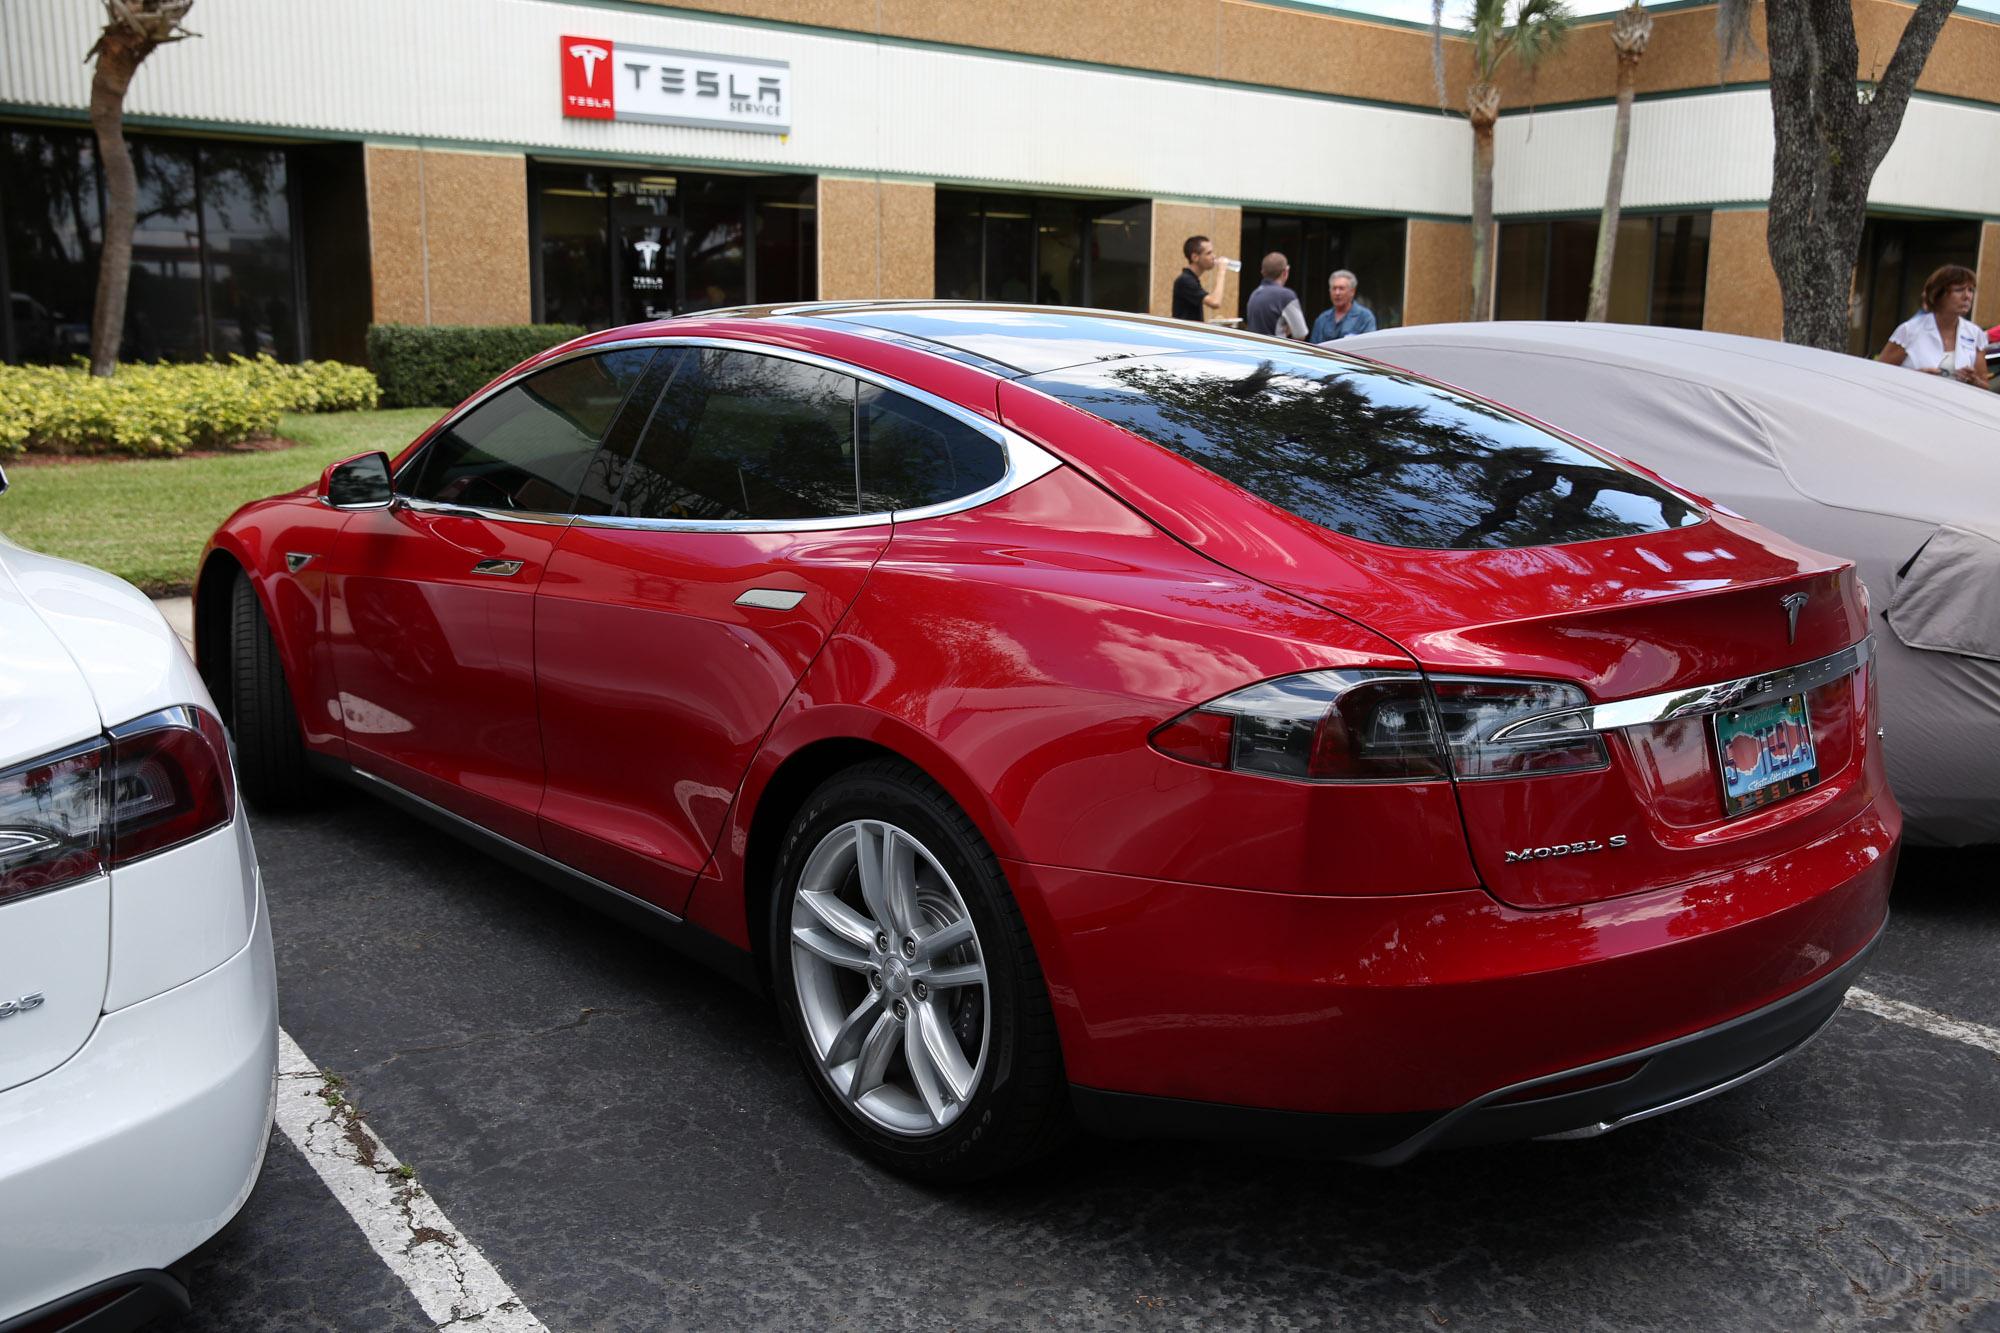 TeslaMotorsClub_Tampa_28APR13_0070.jpg